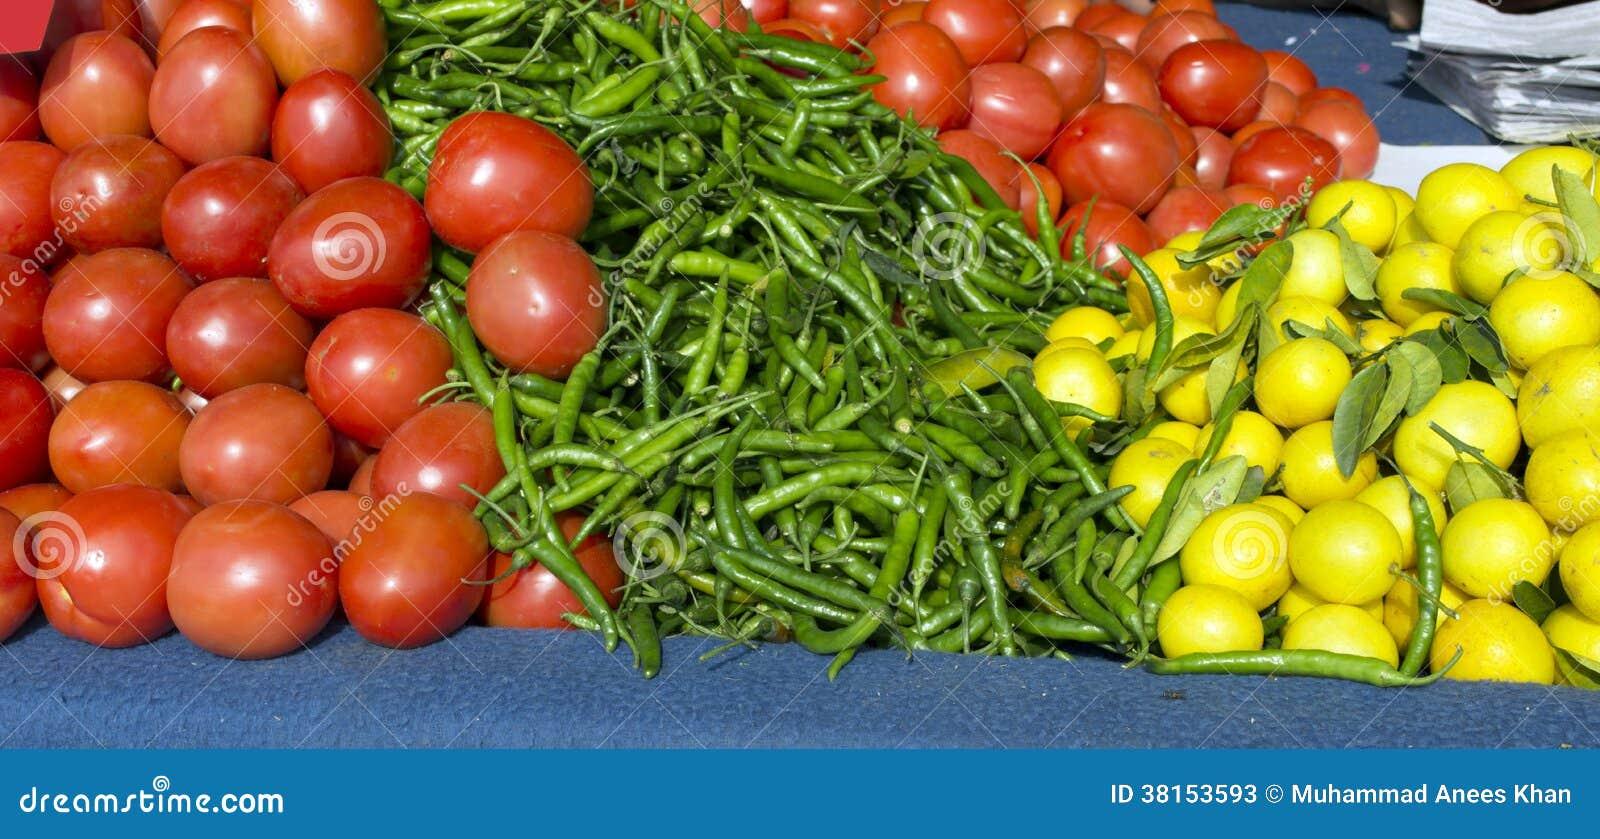 Pomidorowy chłodny cytryna sklep